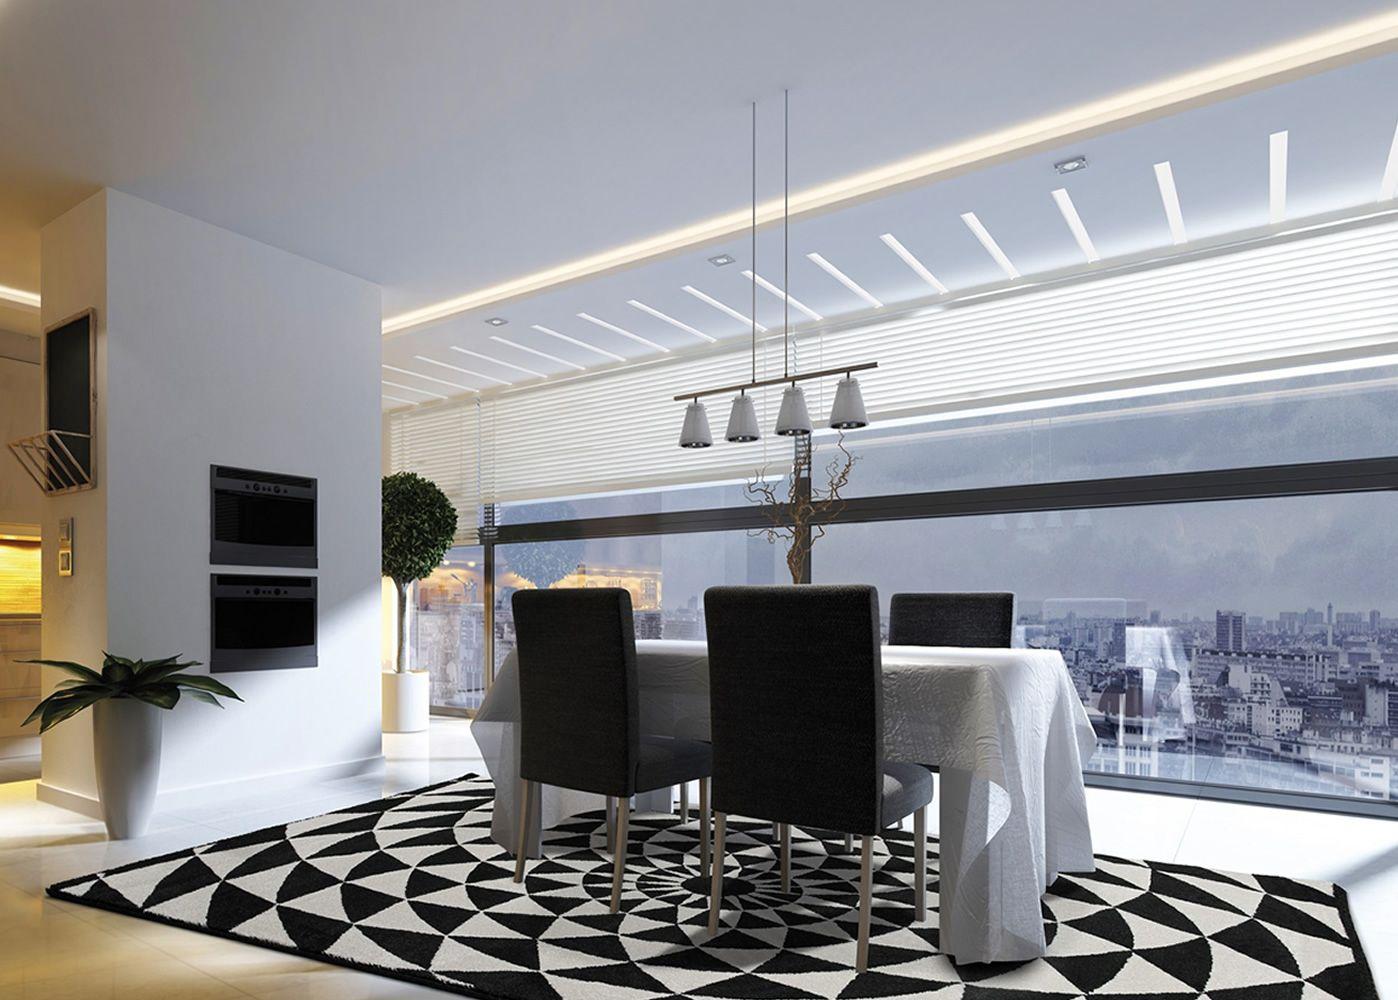 Biancaneve tappeto moderno fantasia in bianco e nero for Tappeto nero moderno